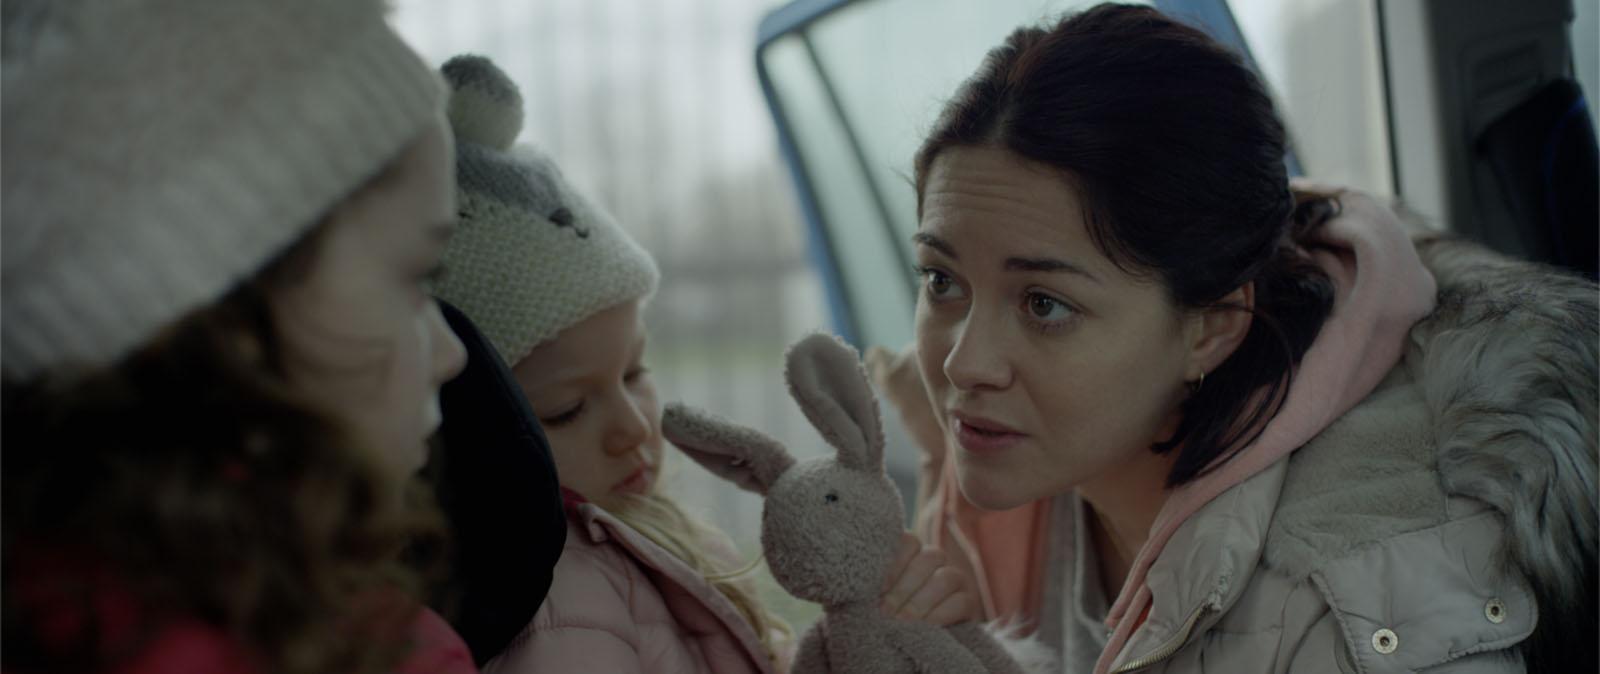 مشاهدة فيلم Rosie (2018) مترجم HD اون لاين